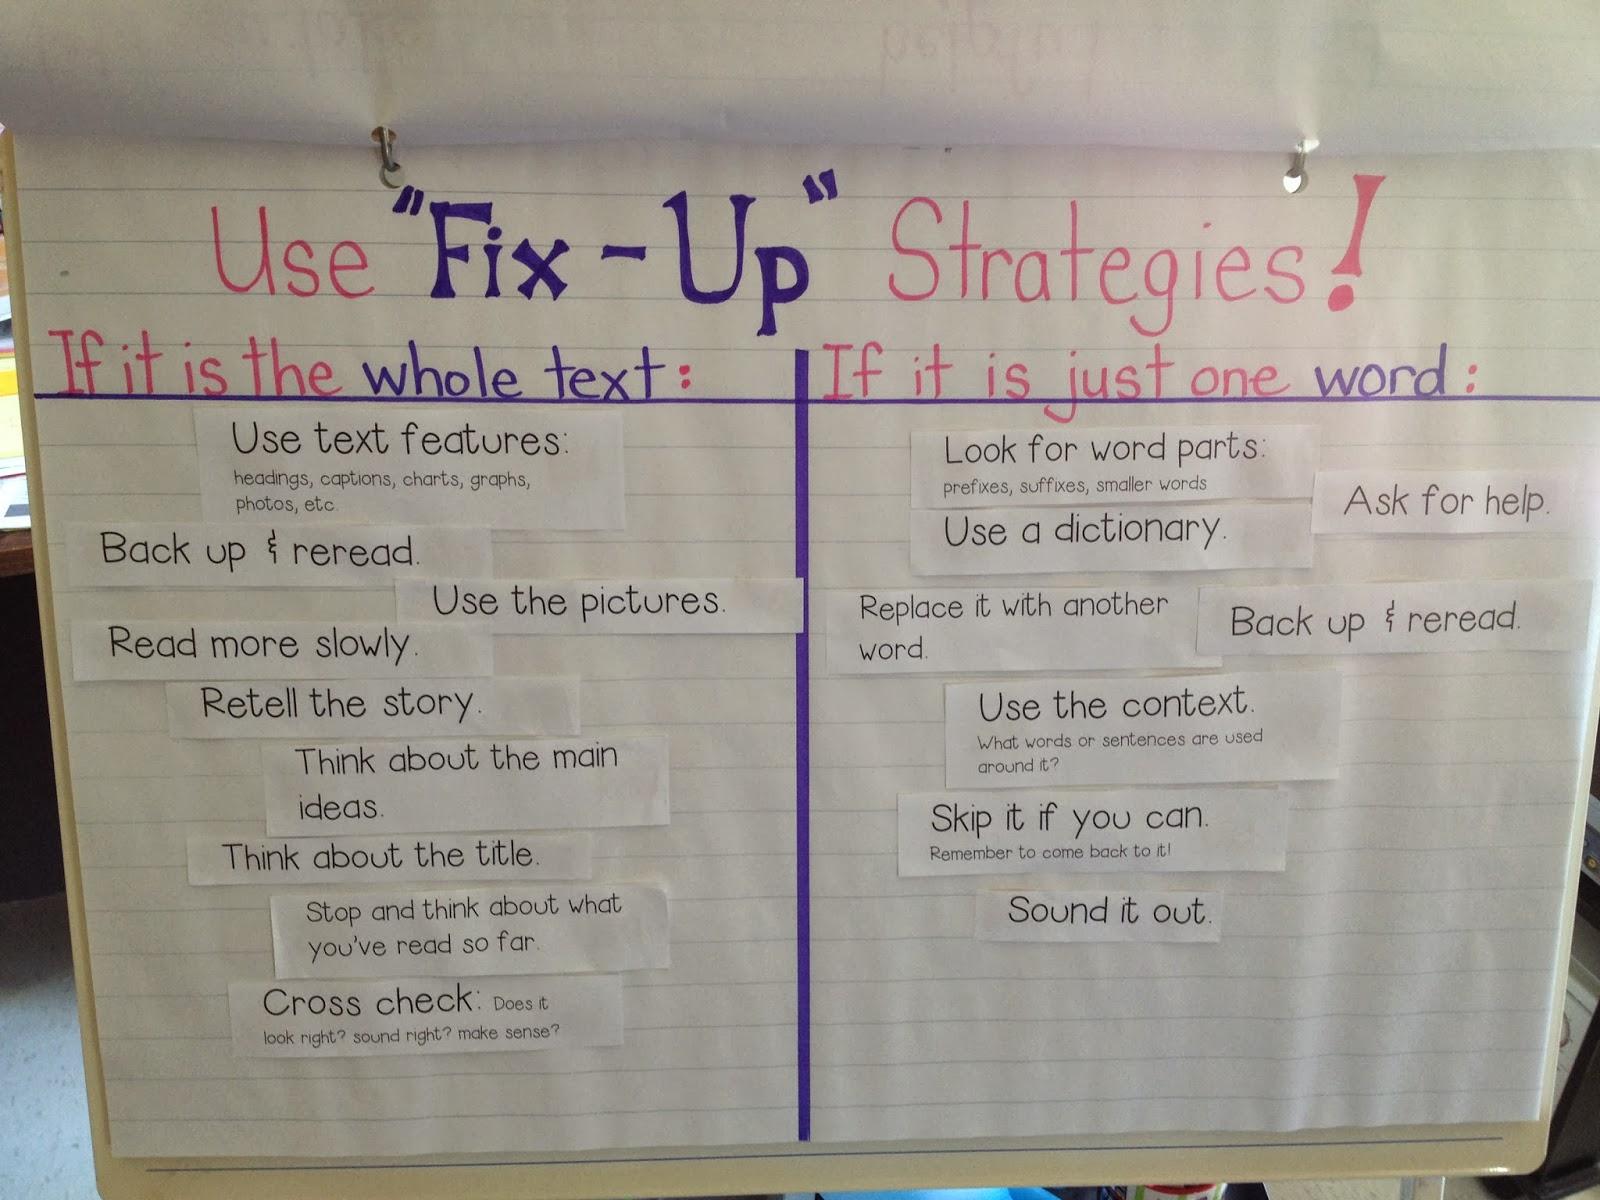 Fix Up Strategies